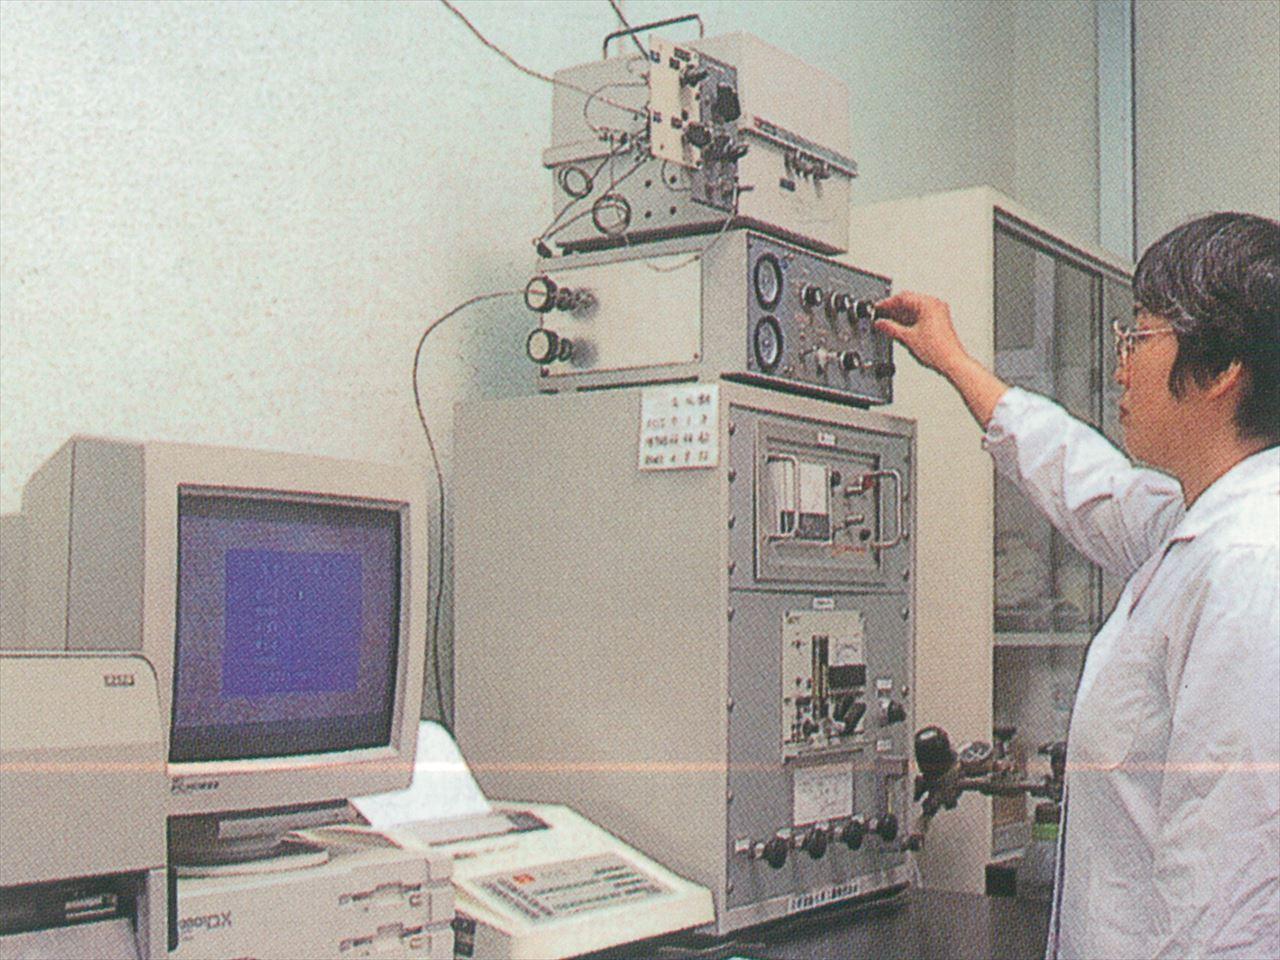 製品検査装置